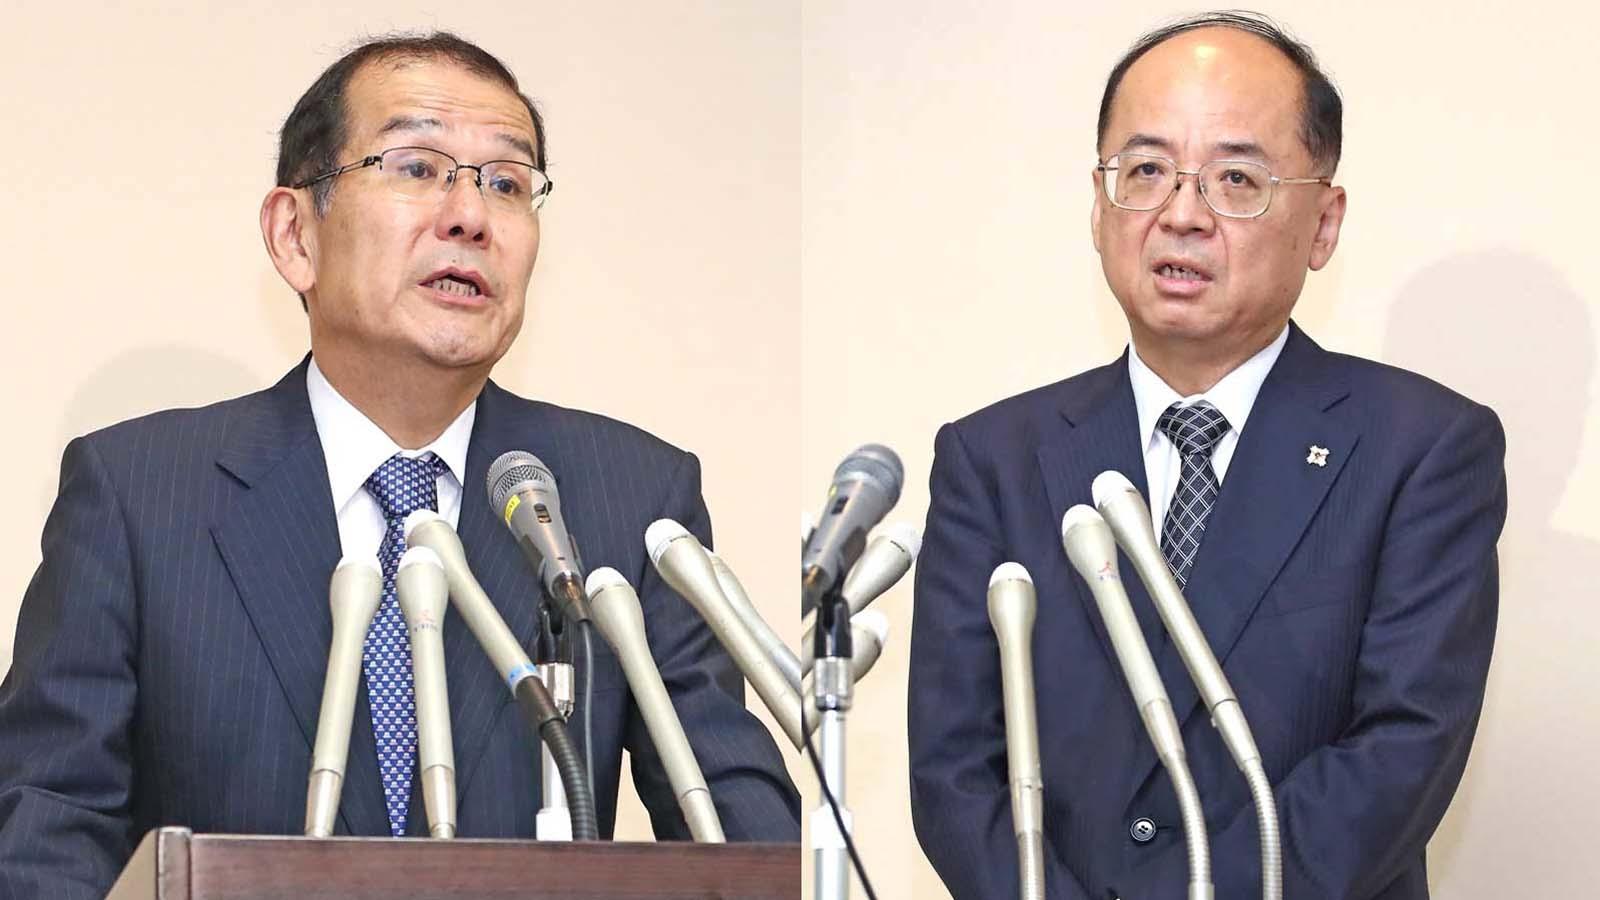 新法施行に悩む東京地検・高検トップの素顔   政策   東洋経済 ...